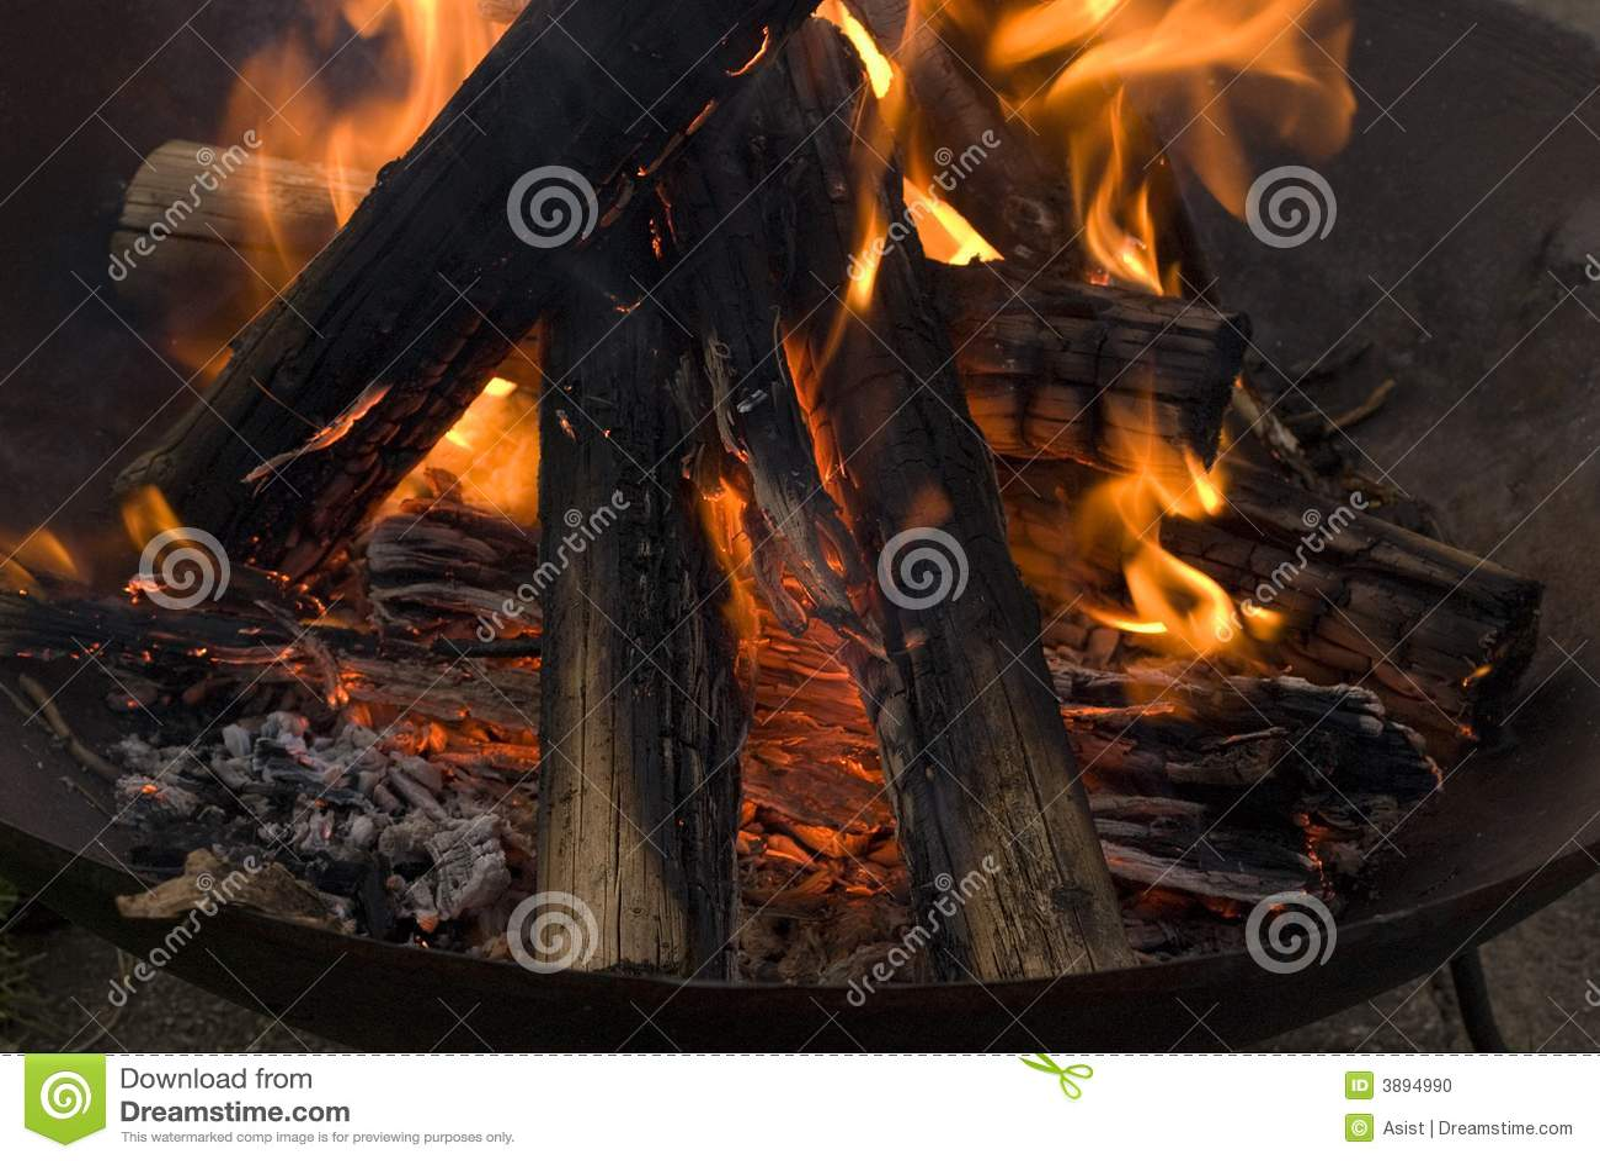 Legno che brucia in fuoco